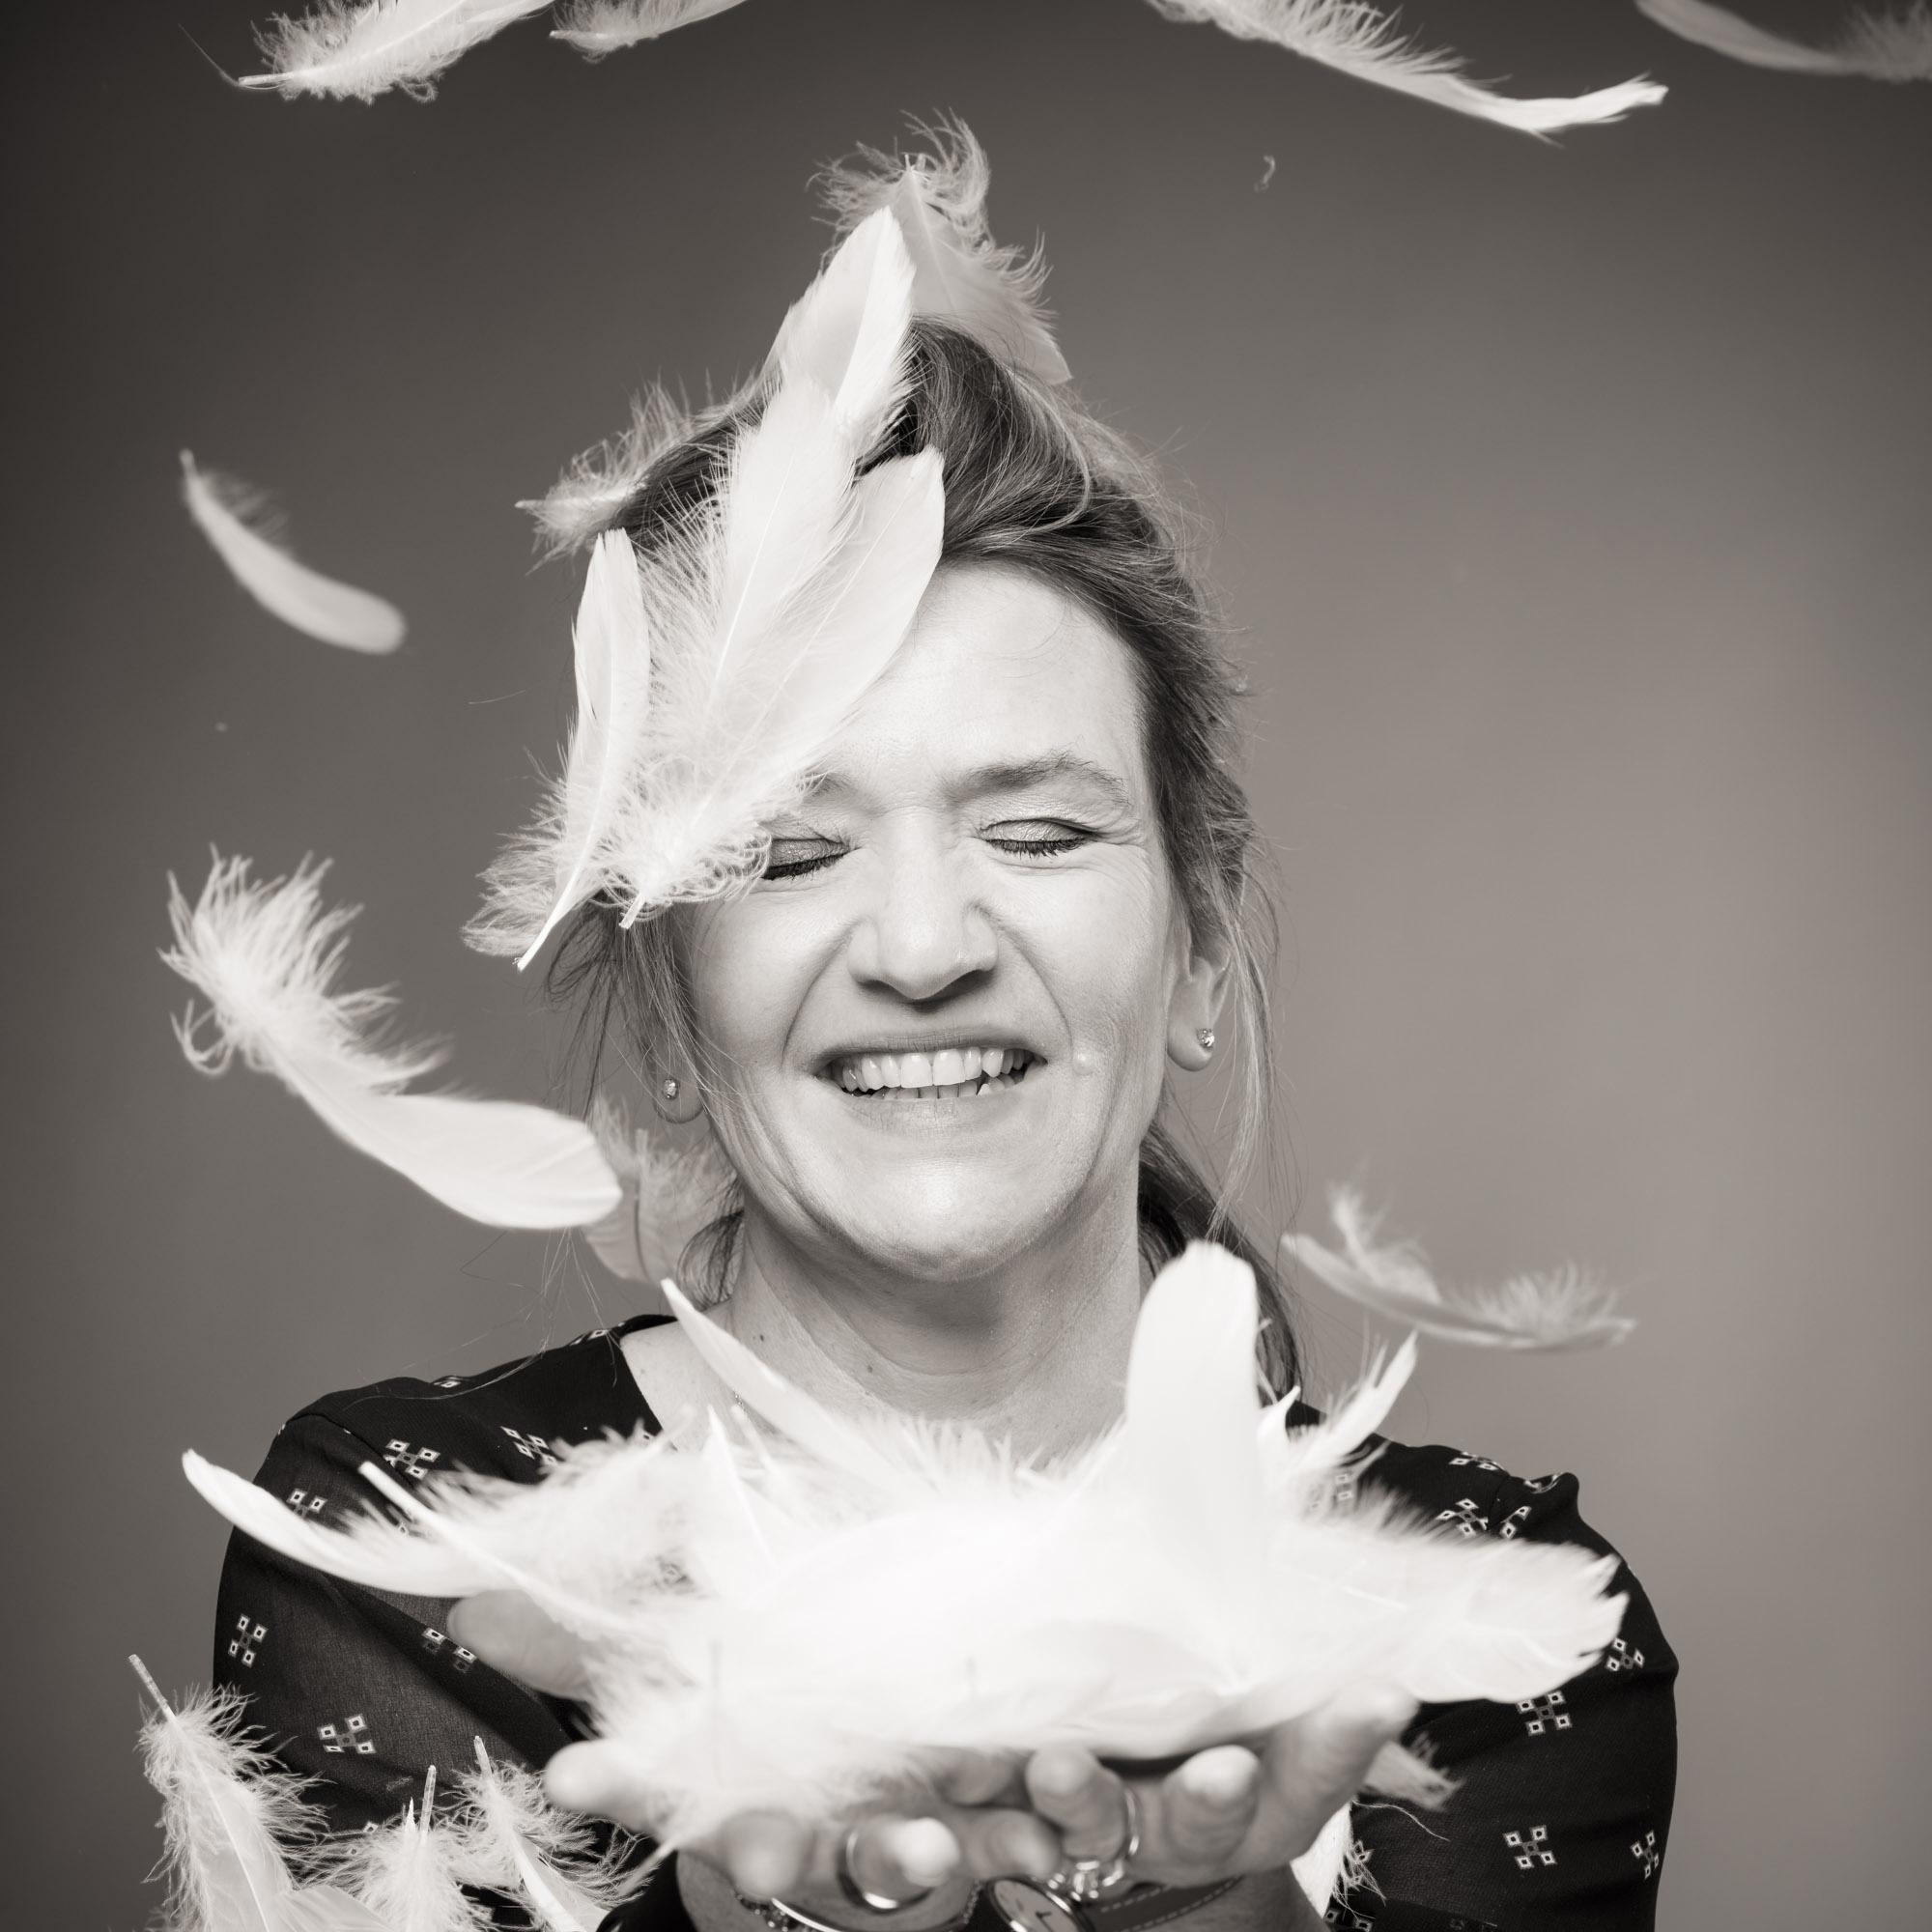 Catherine Delaby tout sourire avec des plumes blanches qui volent